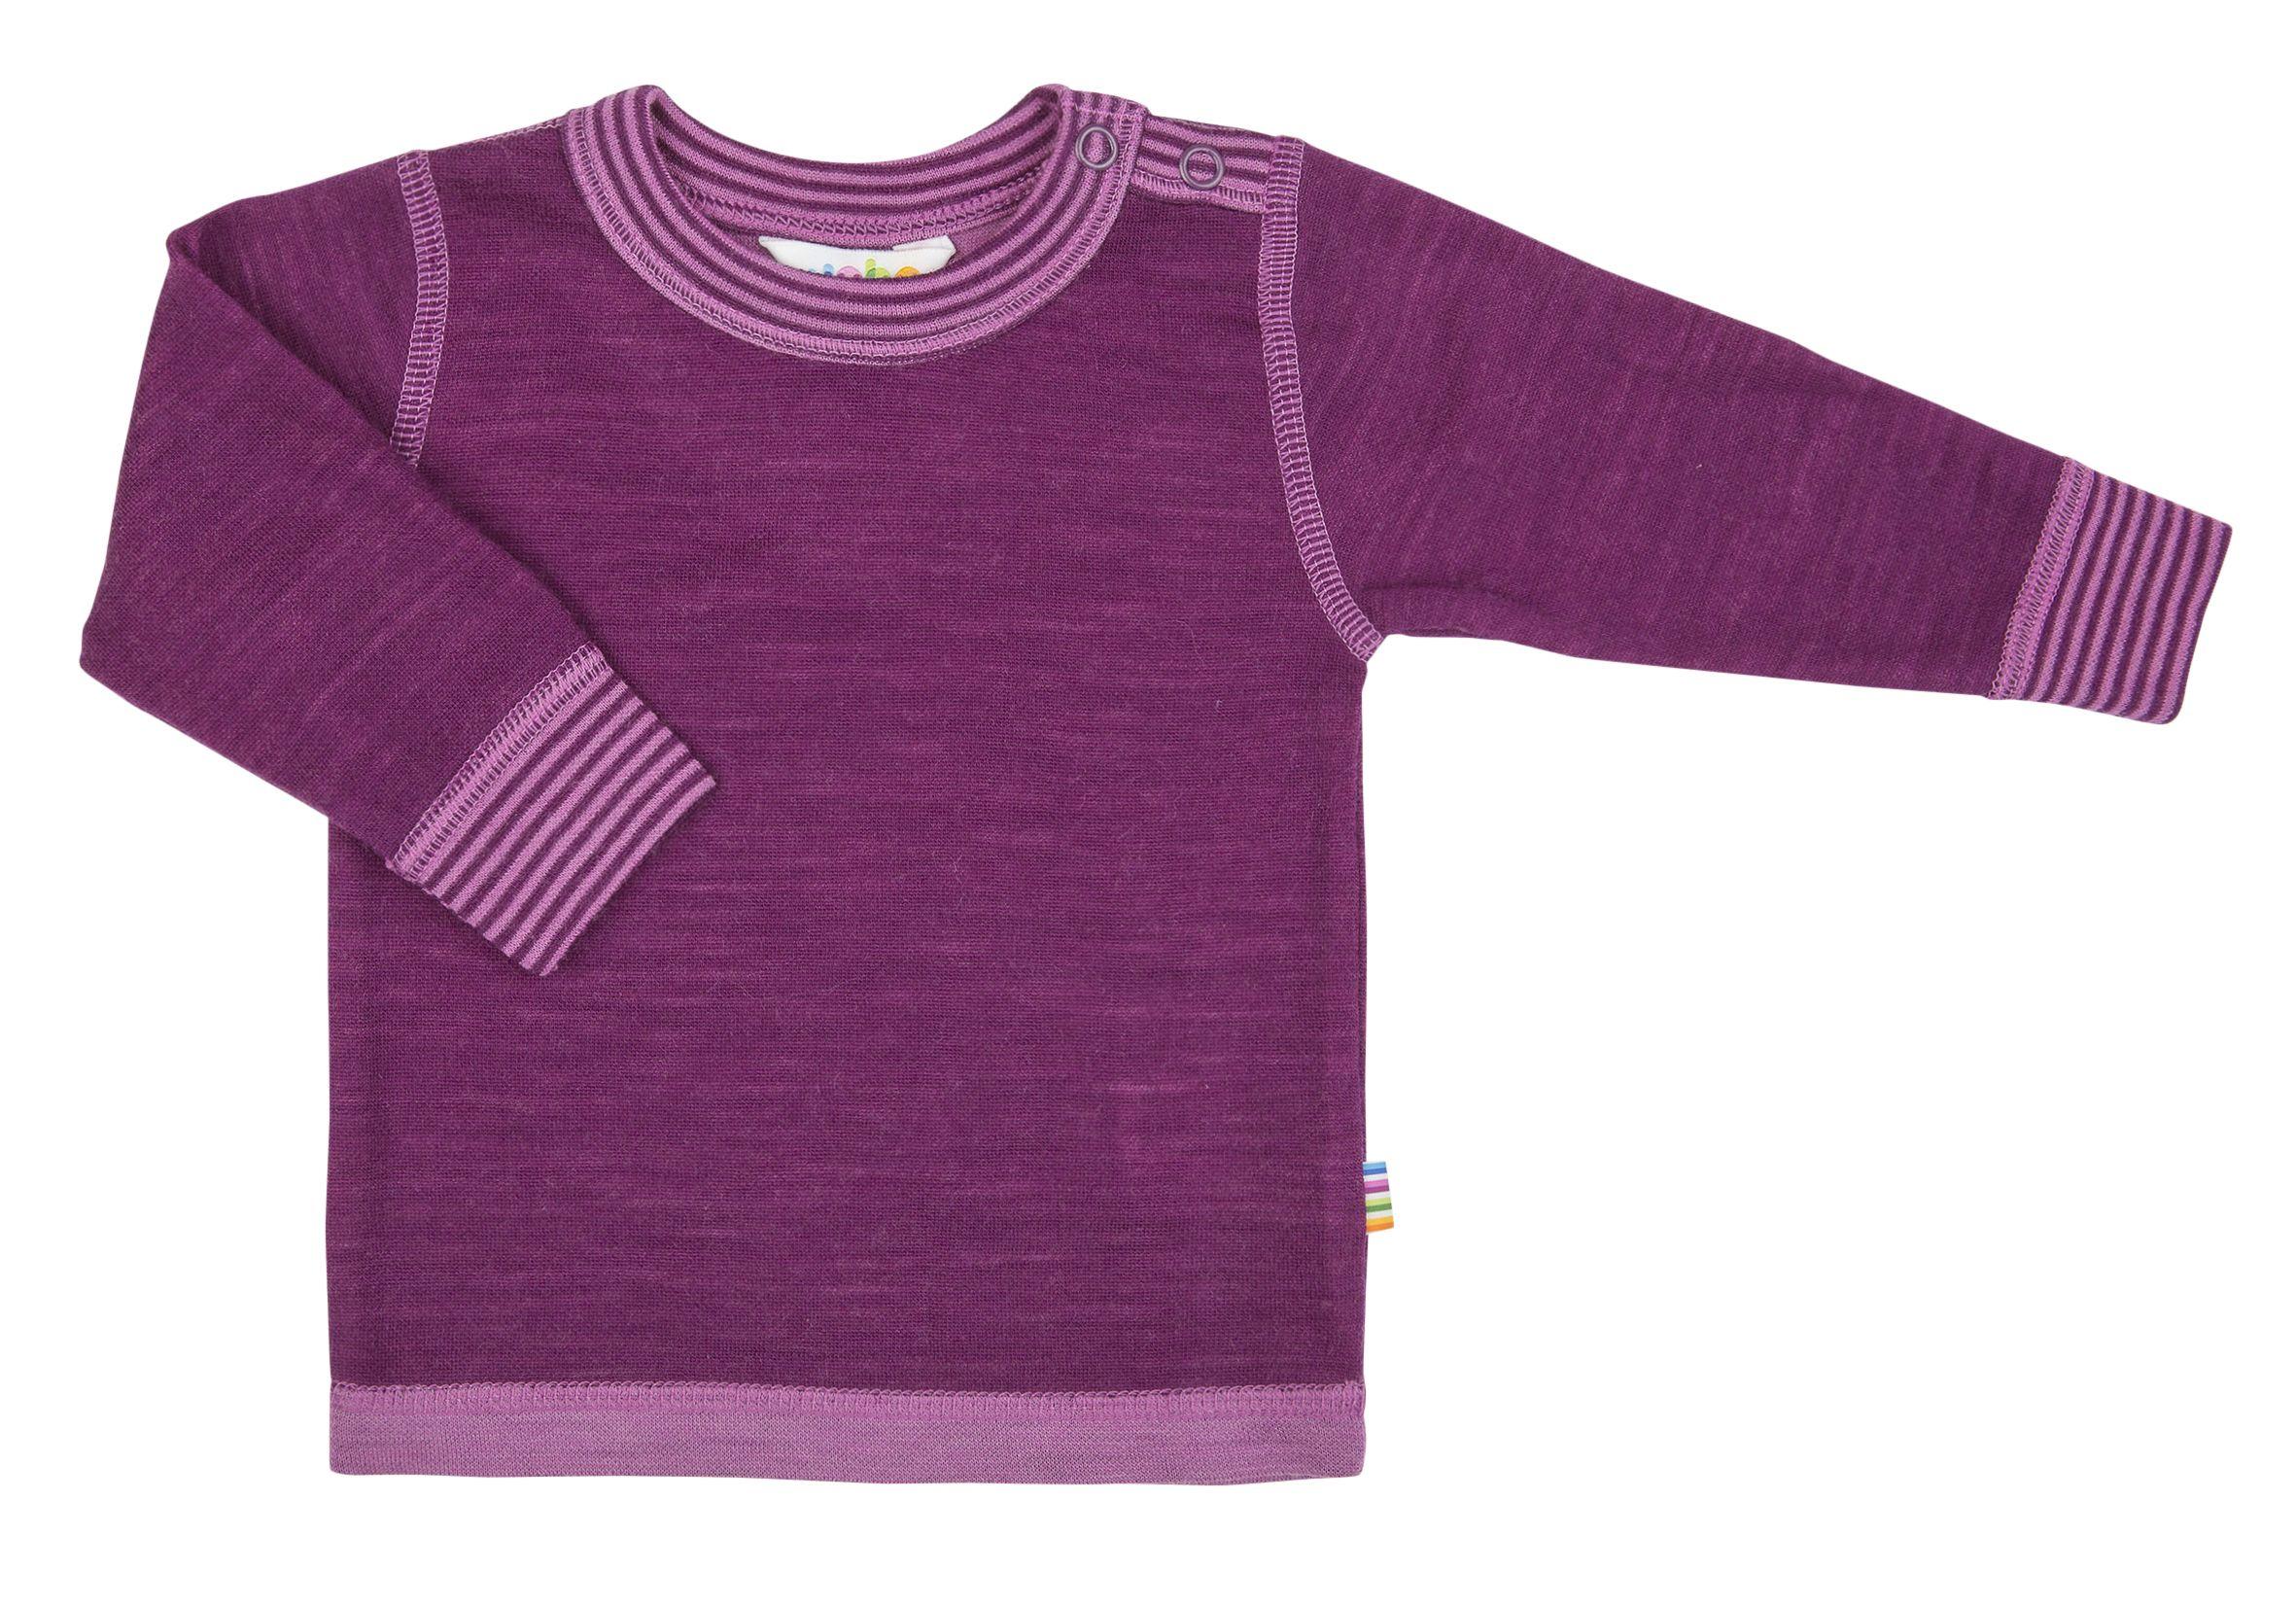 Image of   Uld trøje fra Joha - Bordeaux melange m. fuchsia